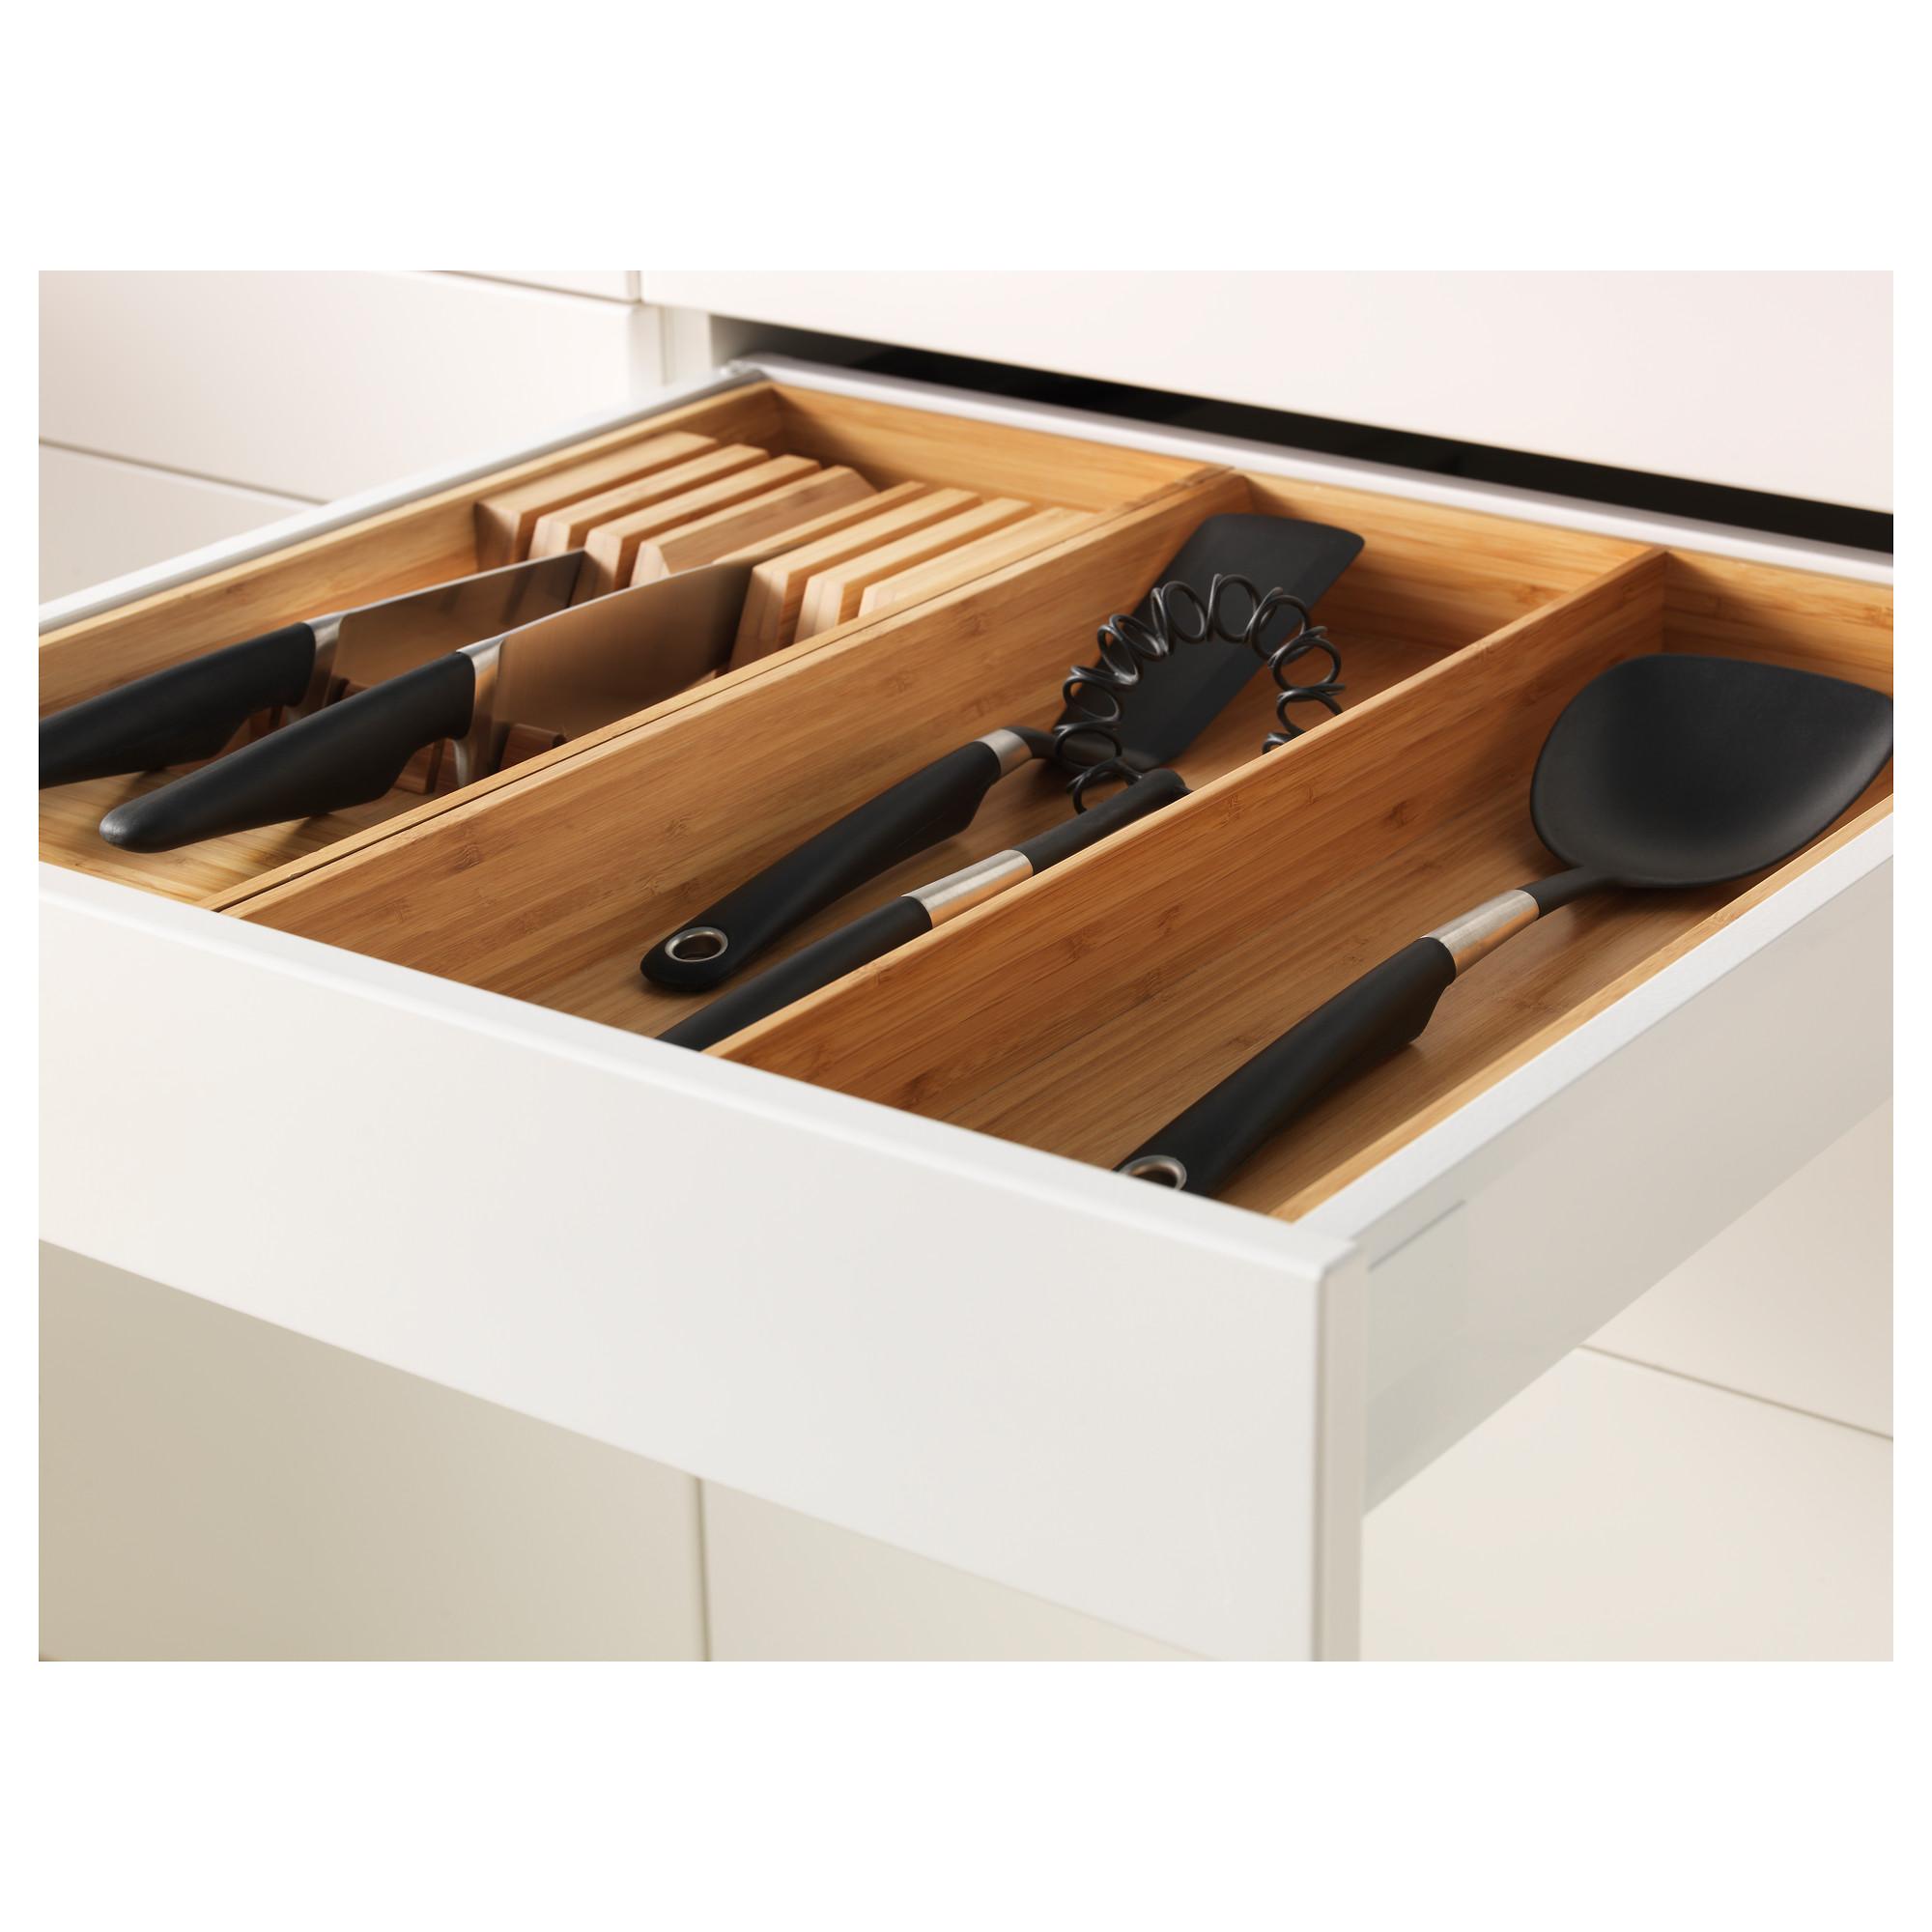 Высокий шкаф + полки, 5 ящиков, 2 дверцы, 2 фронтальных МЕТОД / МАКСИМЕРА черный артикуль № 692.364.87 в наличии. Онлайн сайт IKEA РБ. Быстрая доставка и соборка.